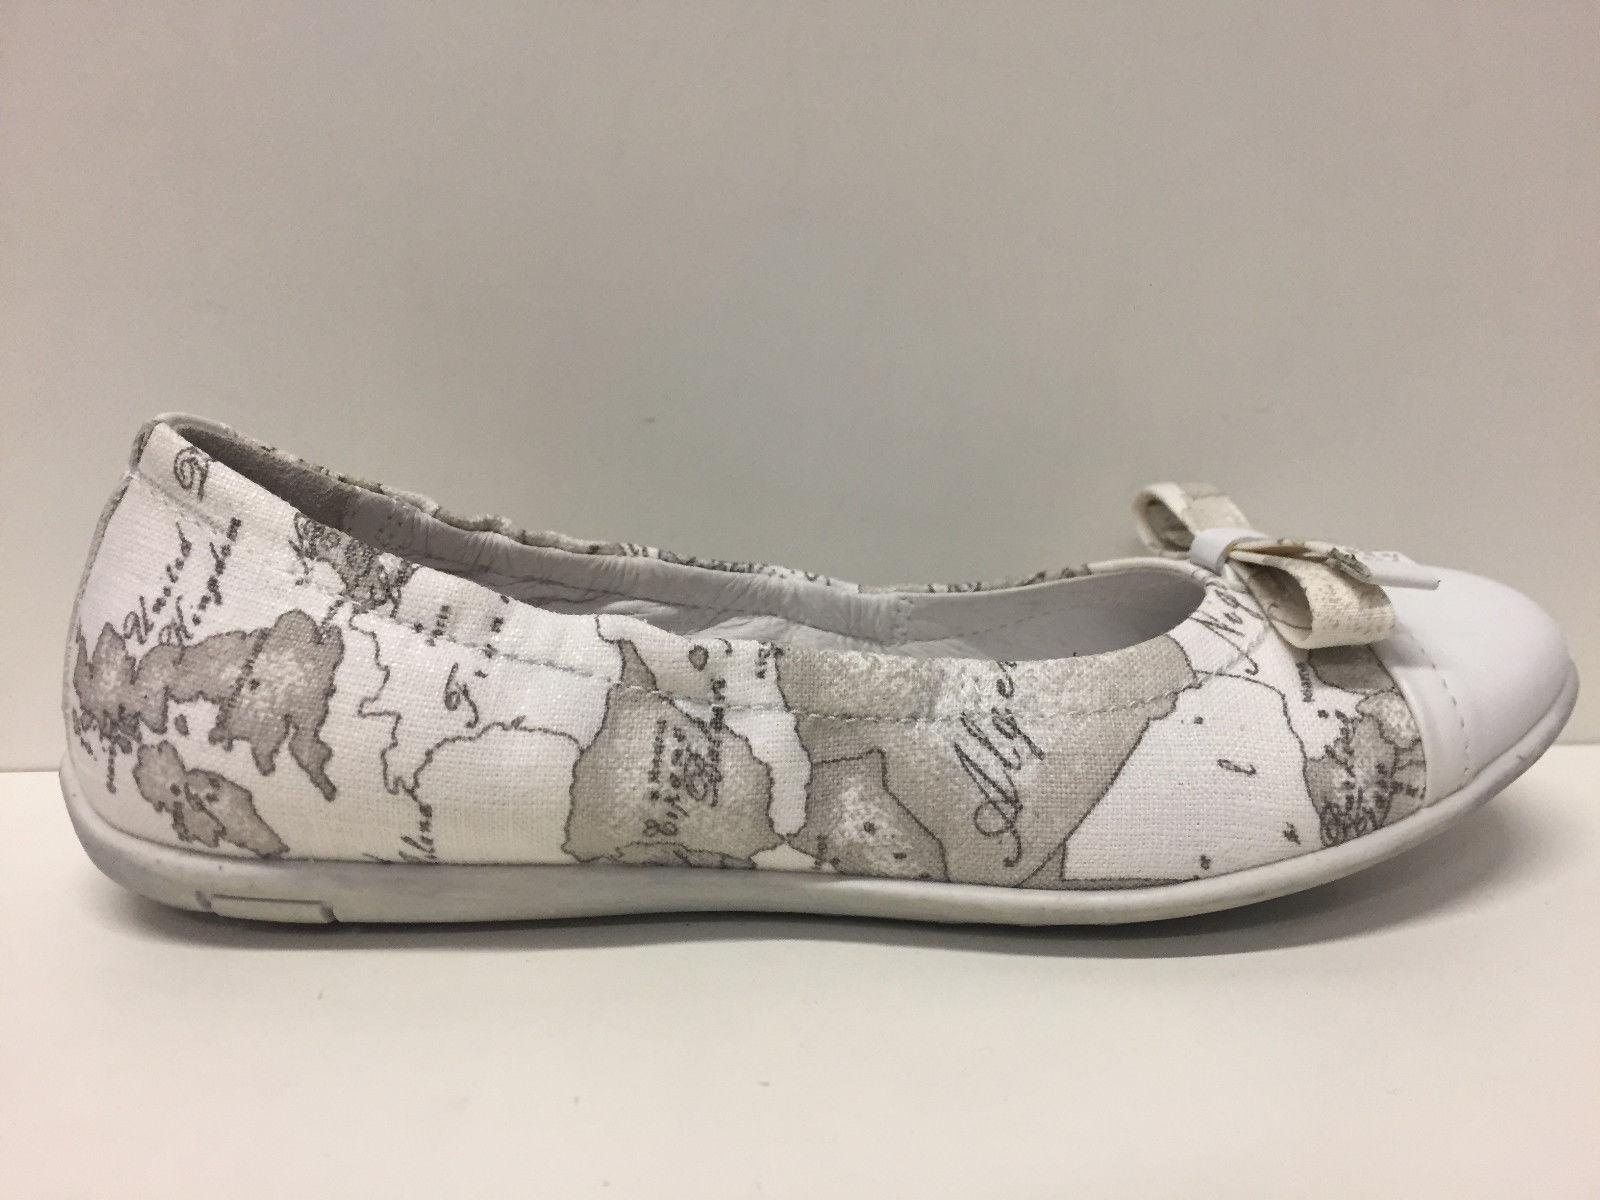 disponibilità nel Regno Unito 6711b a75d7 scarpe sandali tacco sand